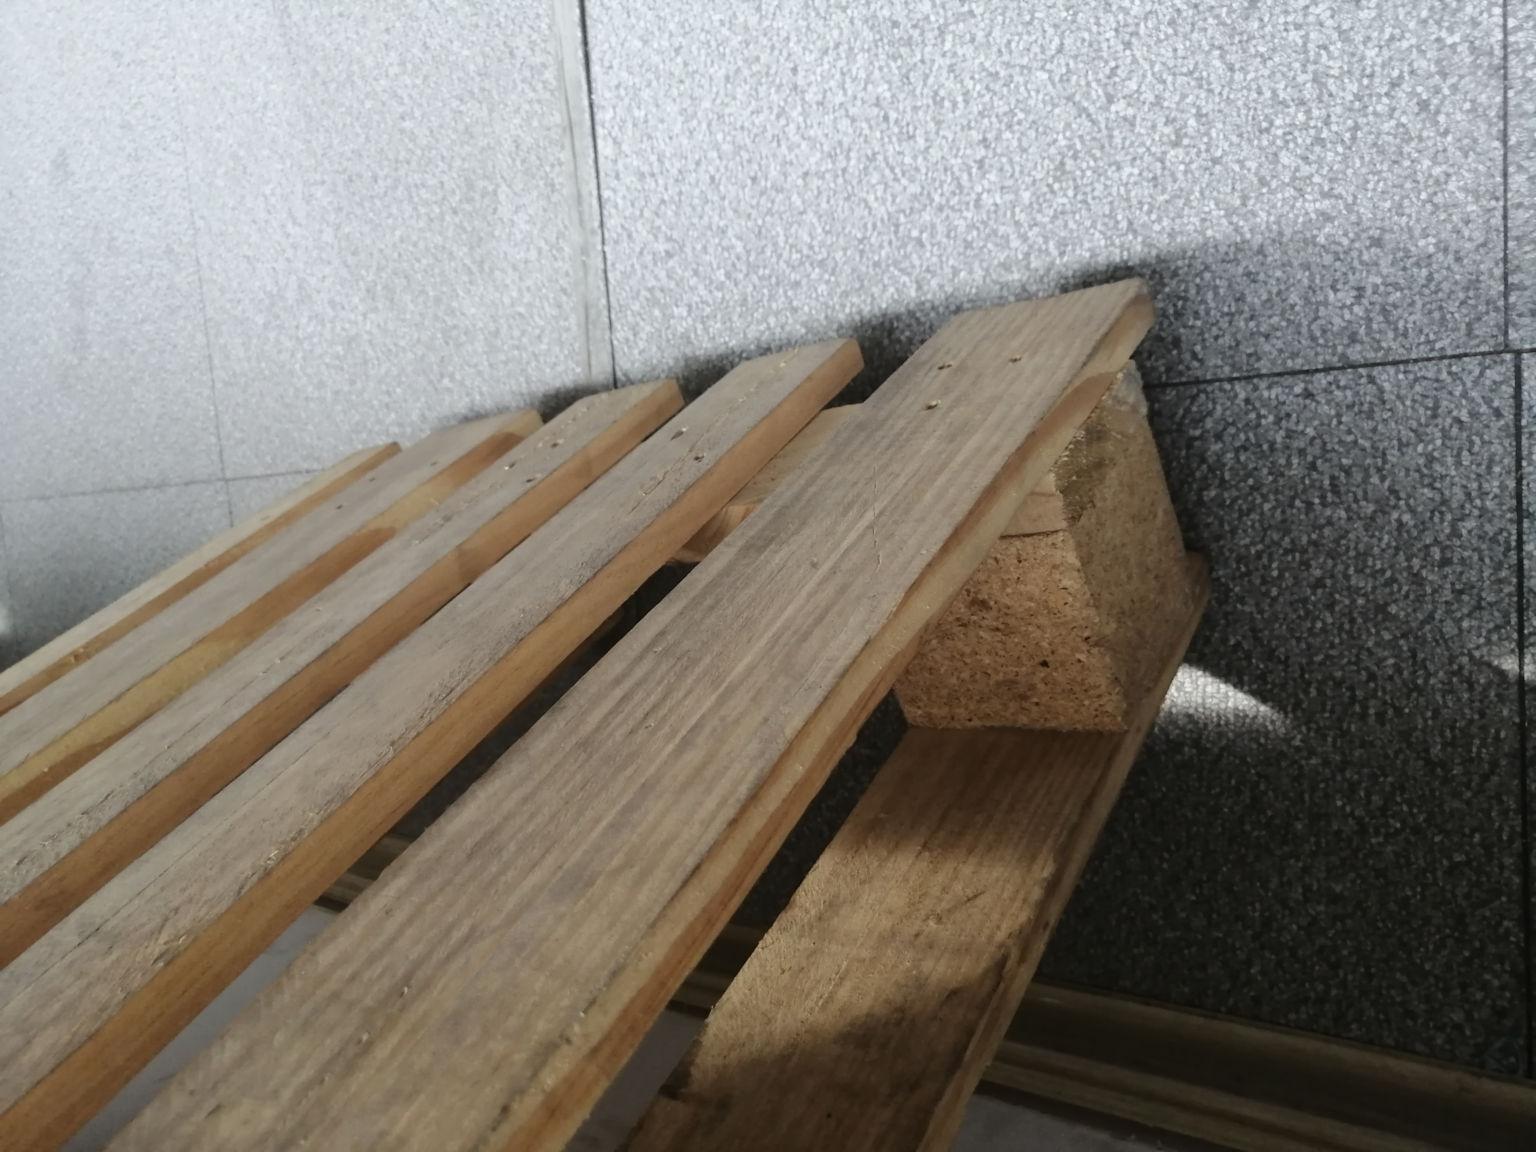 昆山专门胶合木托盘厂家批发用木托盘-上海合聚木托盘